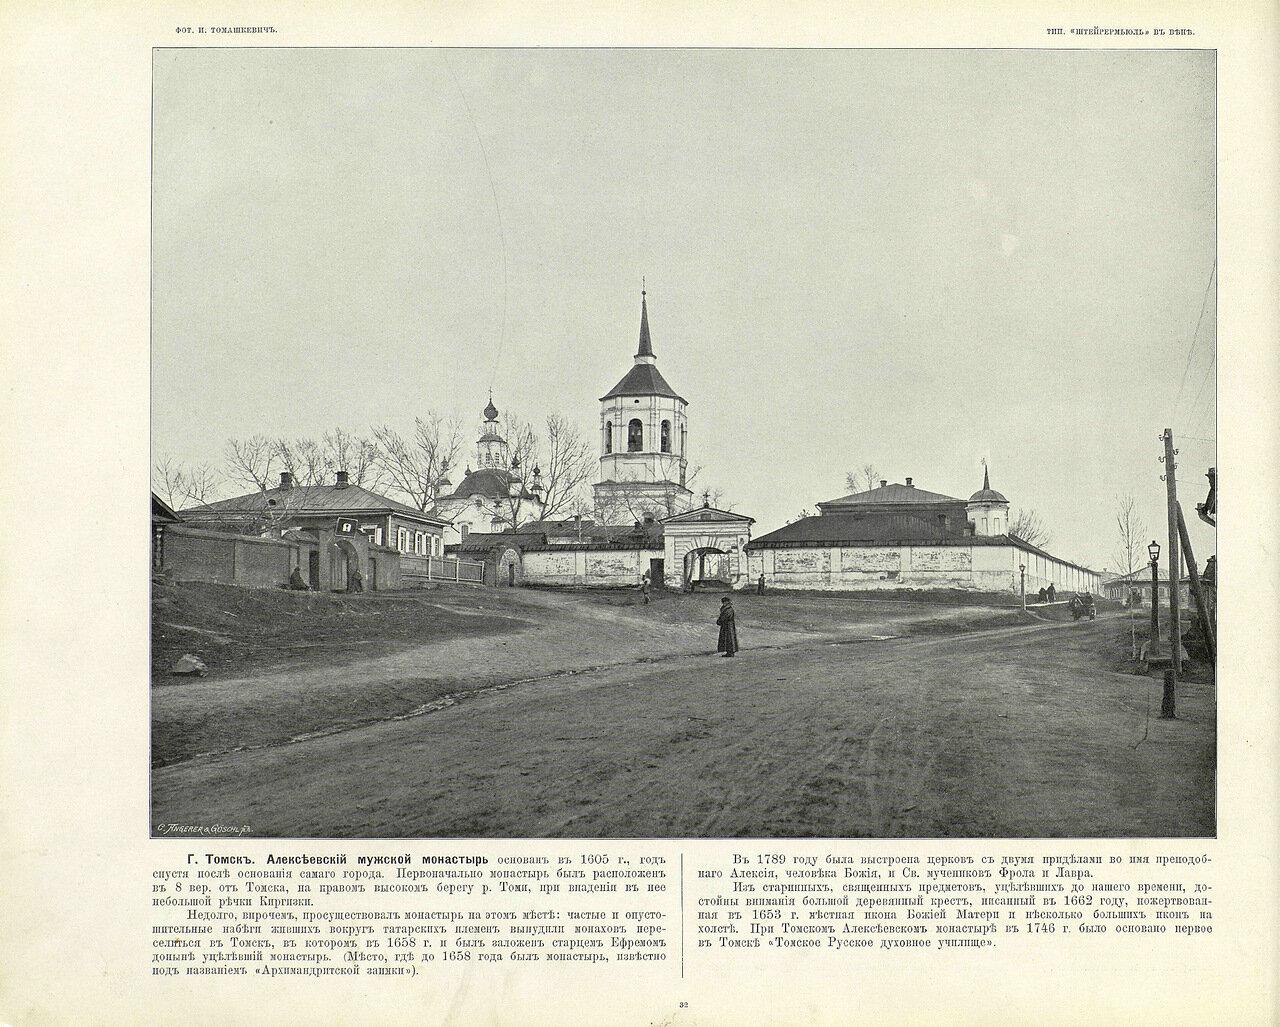 32. Томск. Алексеевский мужской монастырь